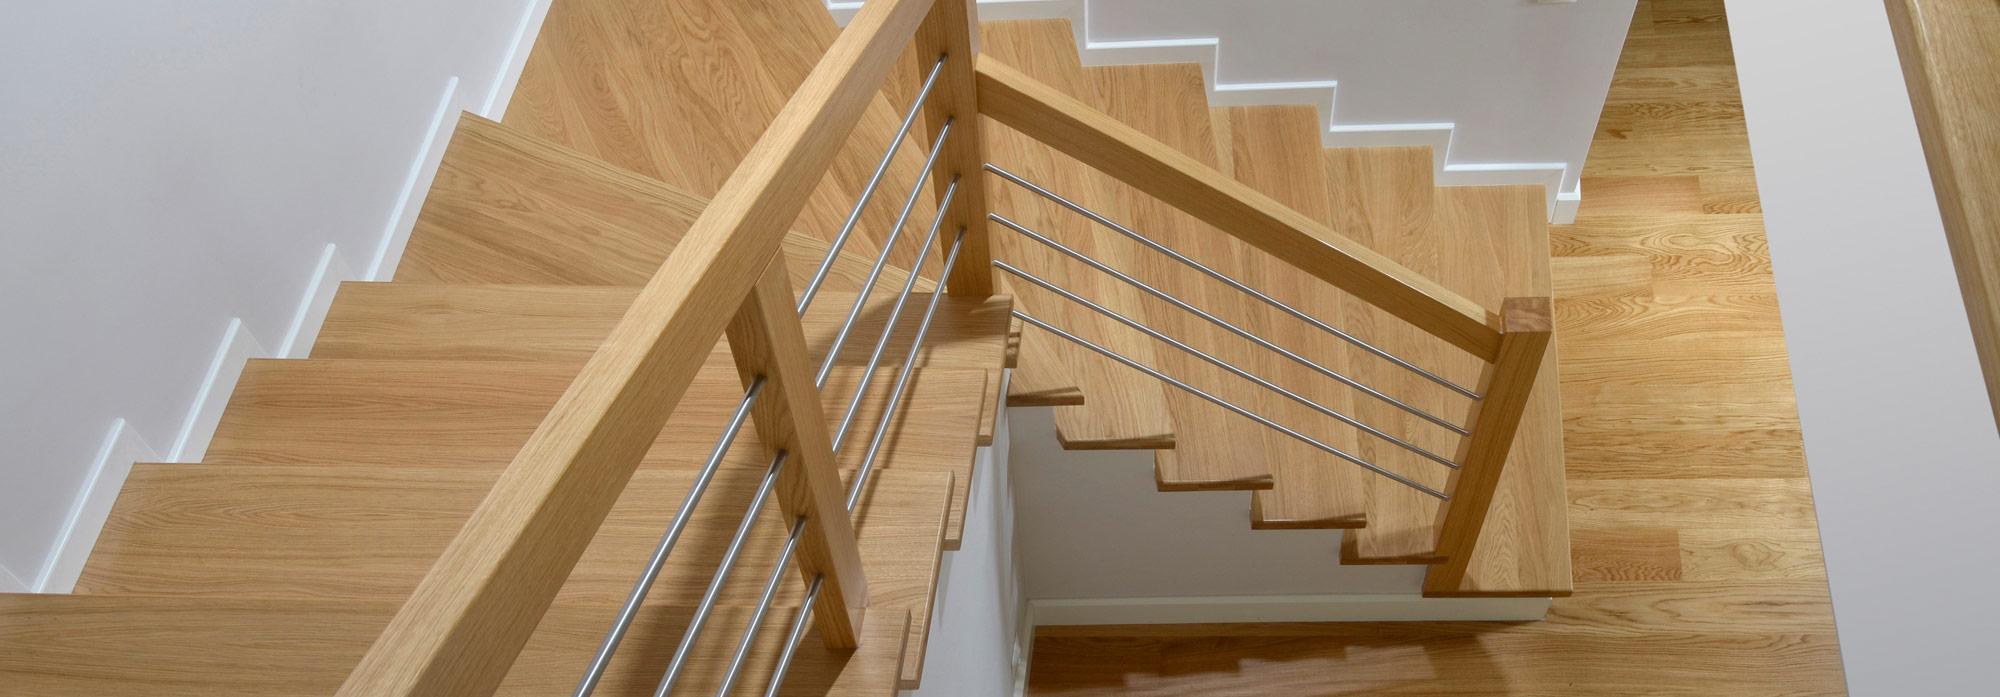 Producent schodów drewnianych - Olsztyn